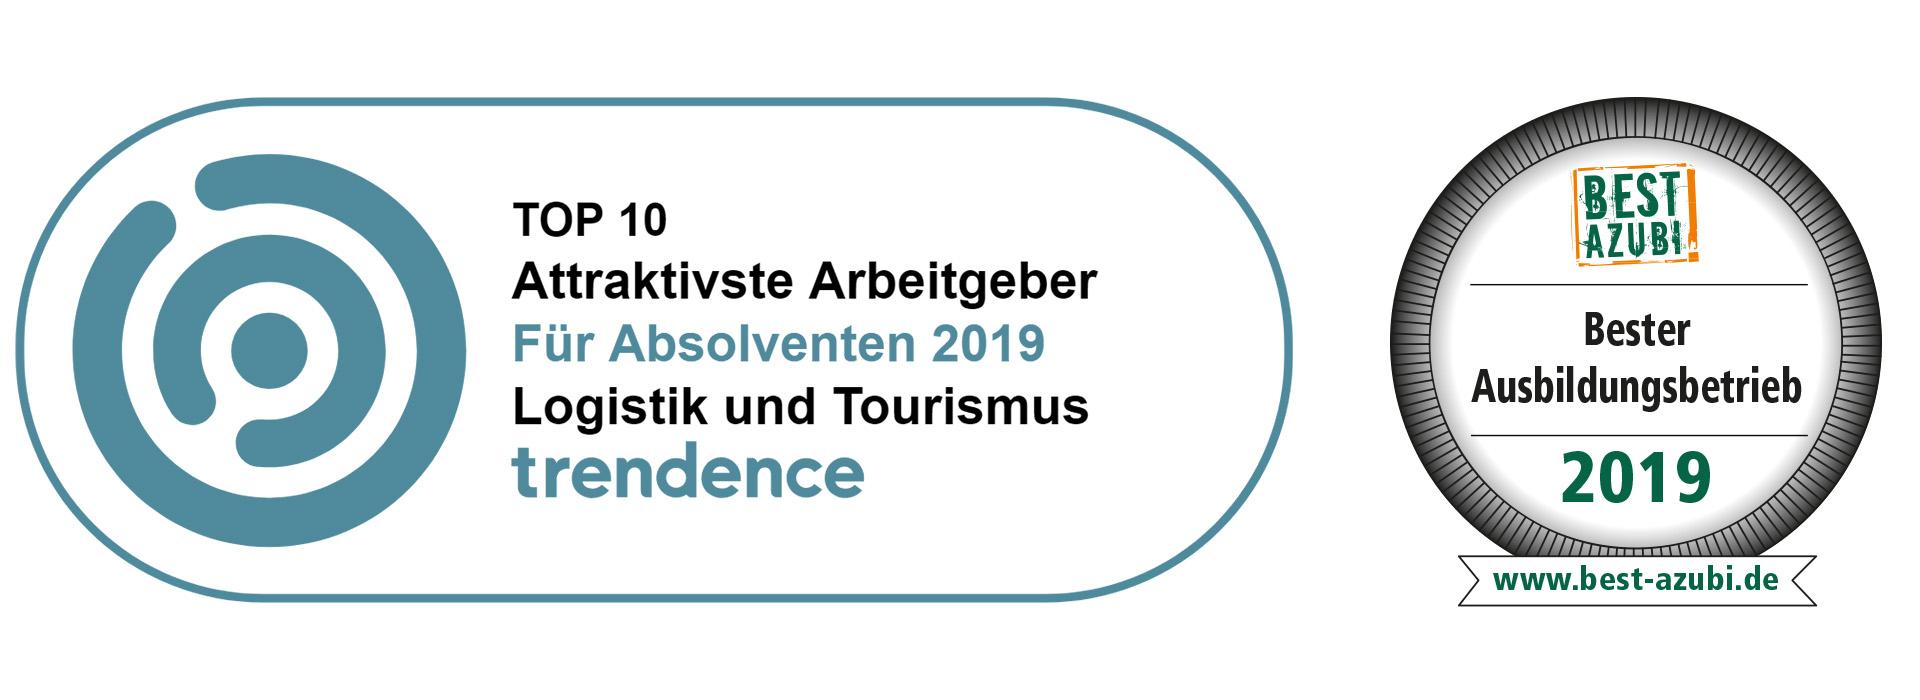 de-de_culture_awards-trainee-apprentice_1920x700